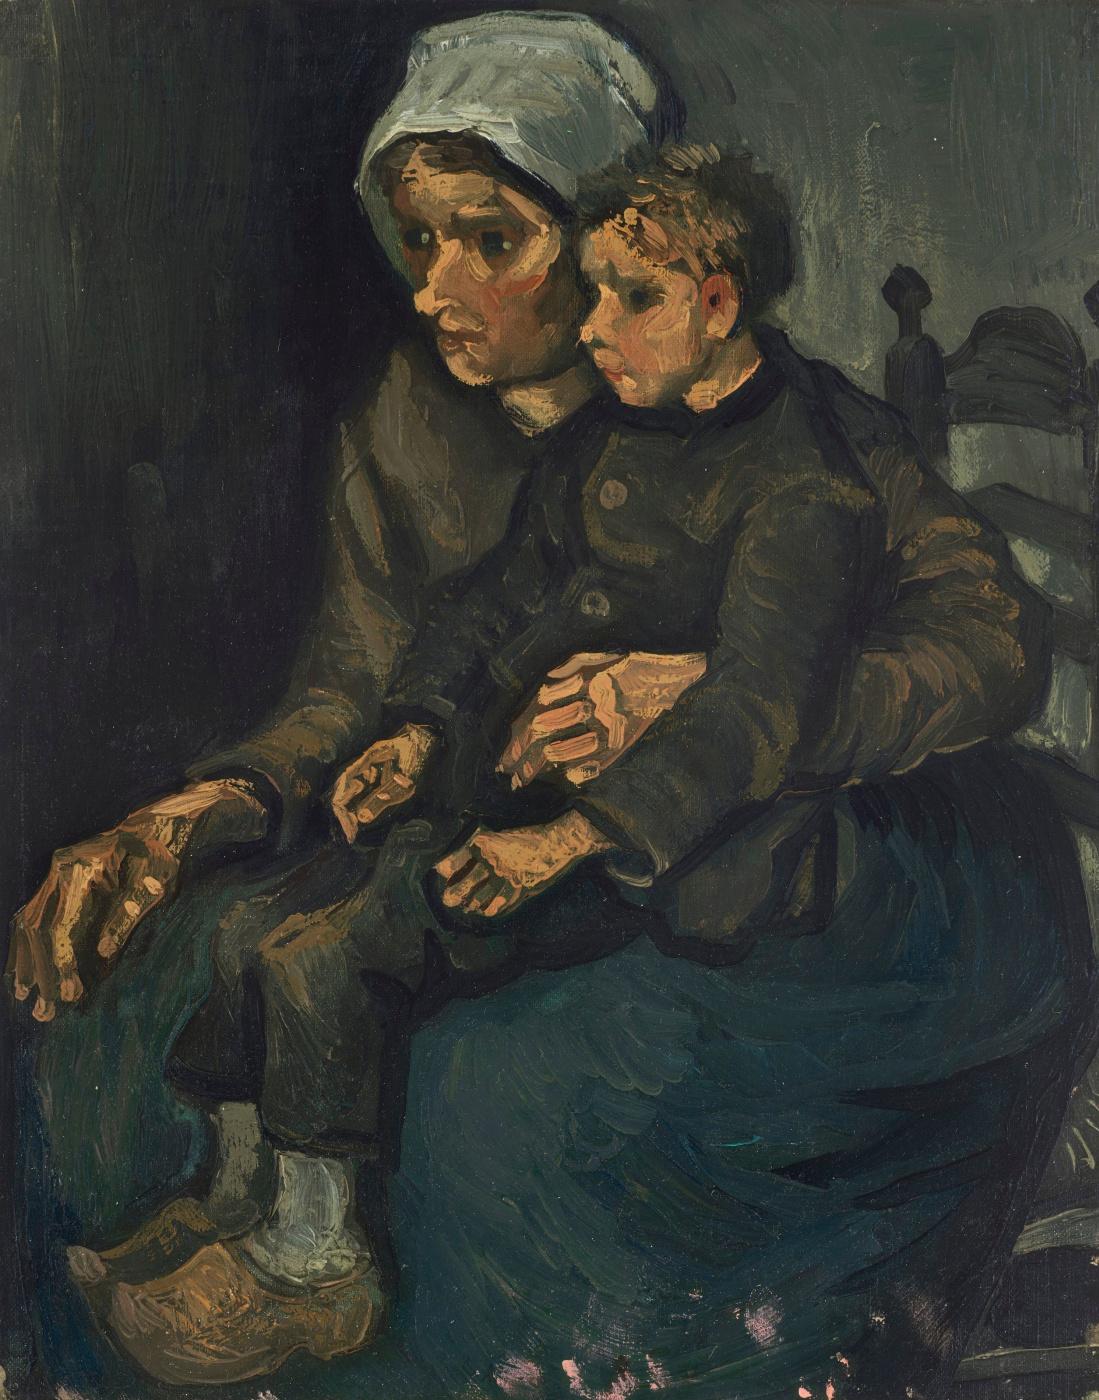 Винсент Ван Гог. Крестьянка с ребёнком на коленях